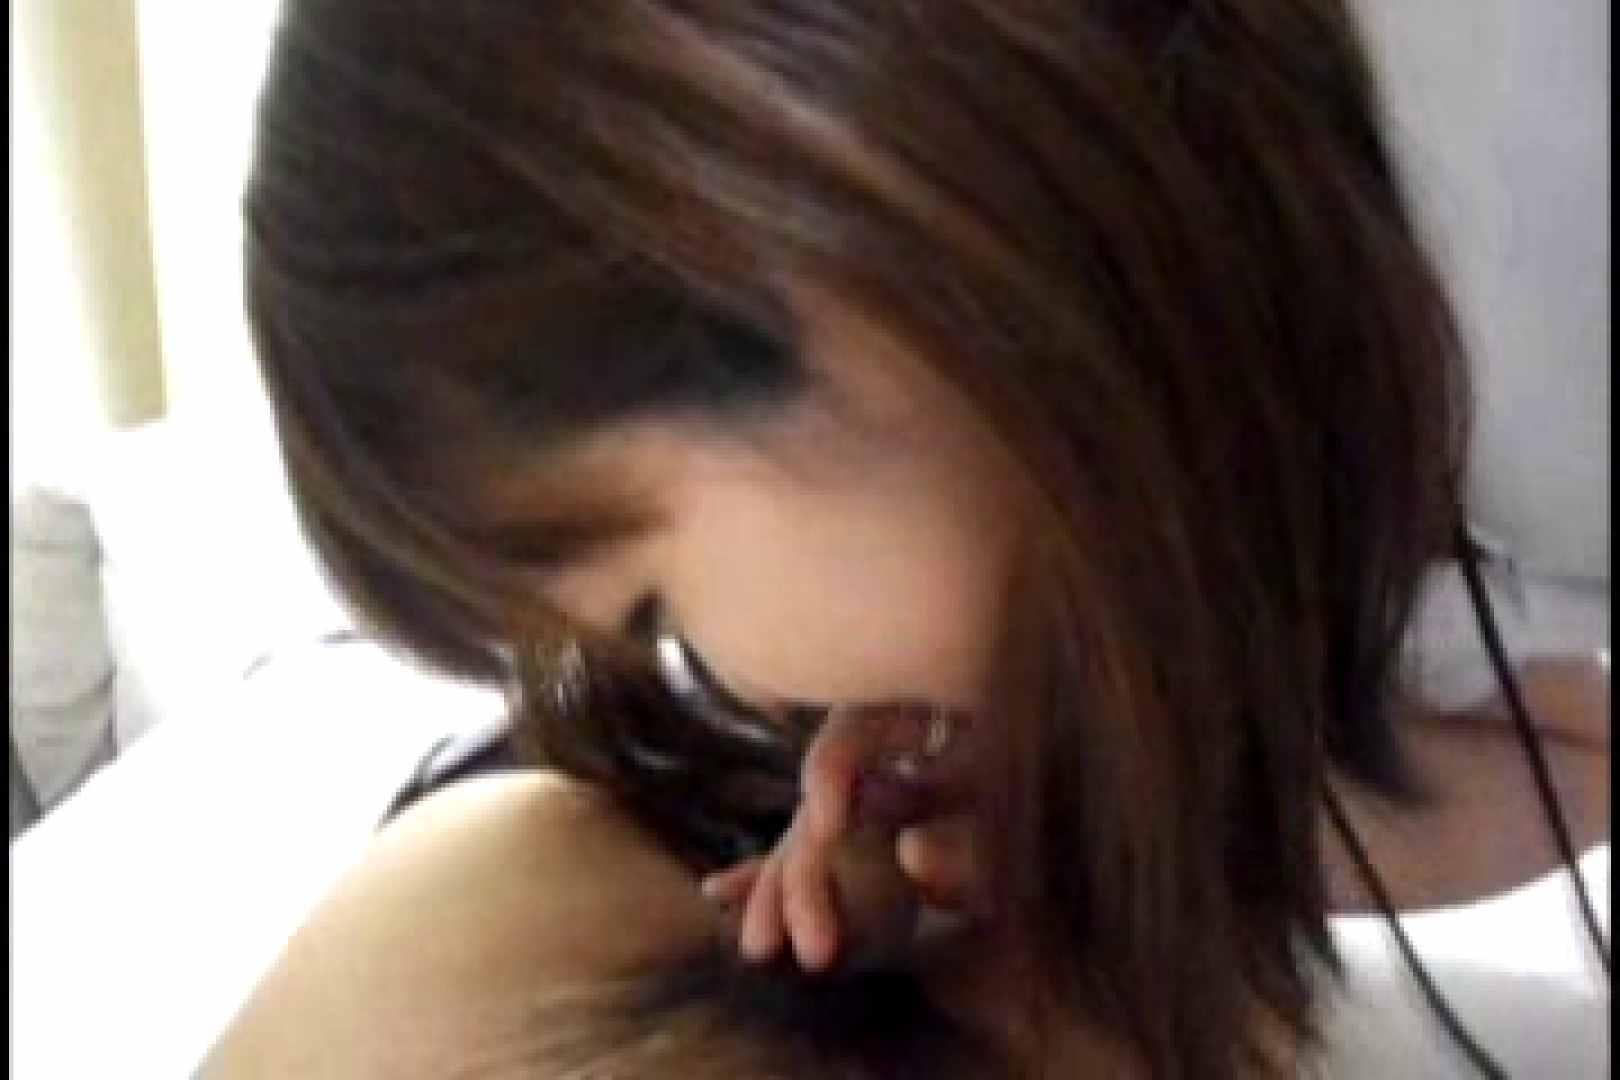 ヤリマンと呼ばれた看護士さんvol1 一般投稿   シックスナイン  93pic 73